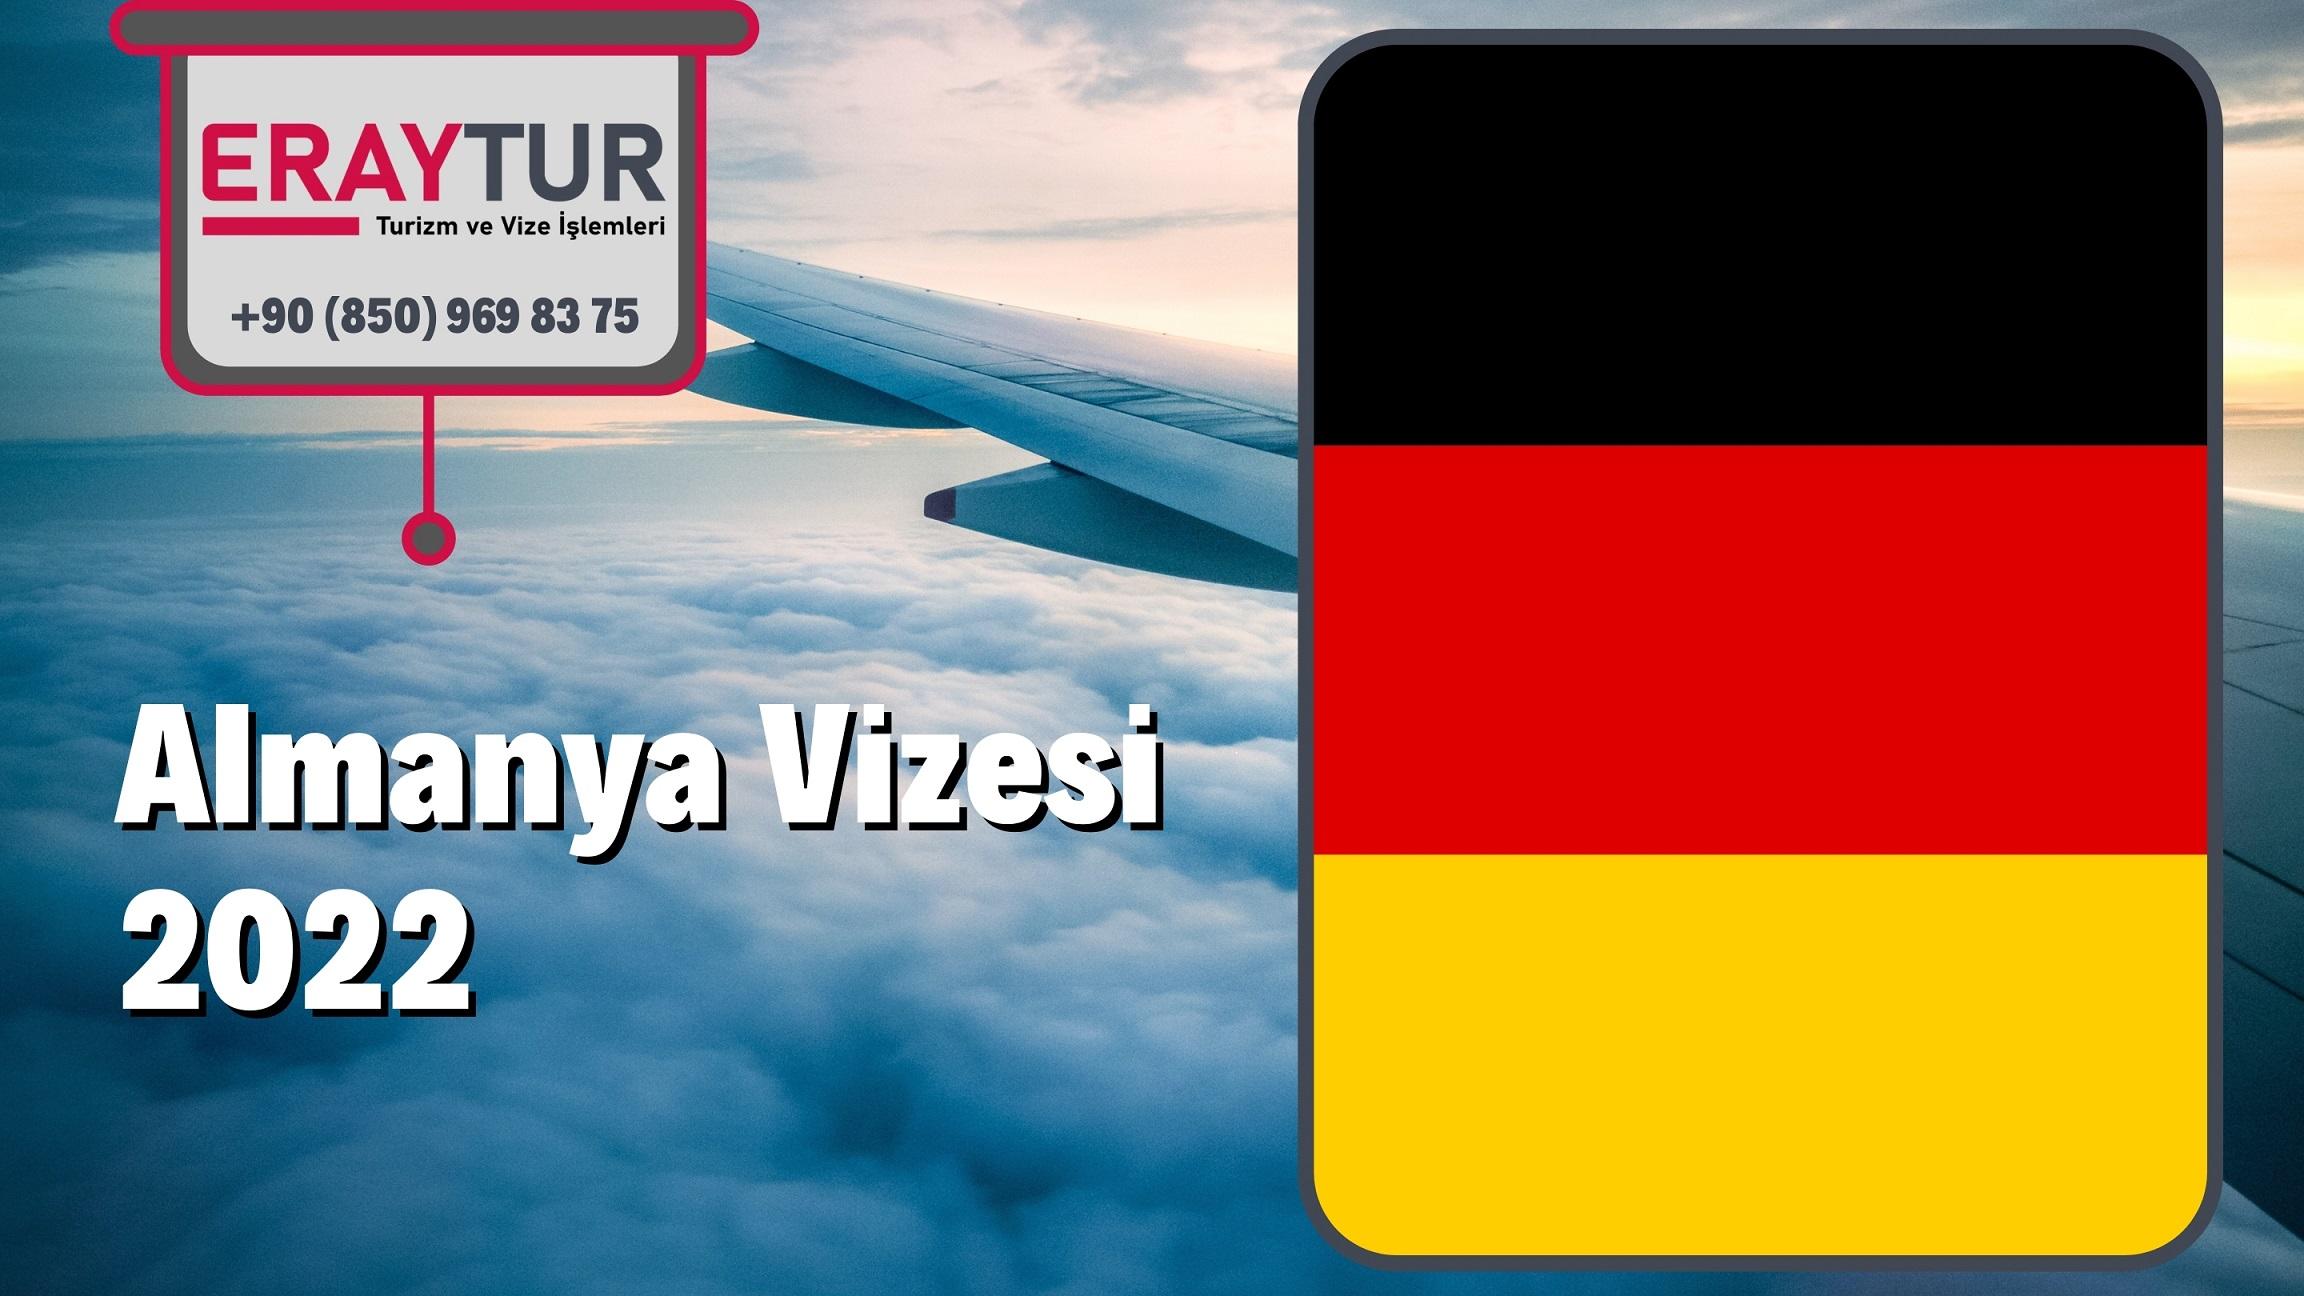 Almanya Vizesi 2022